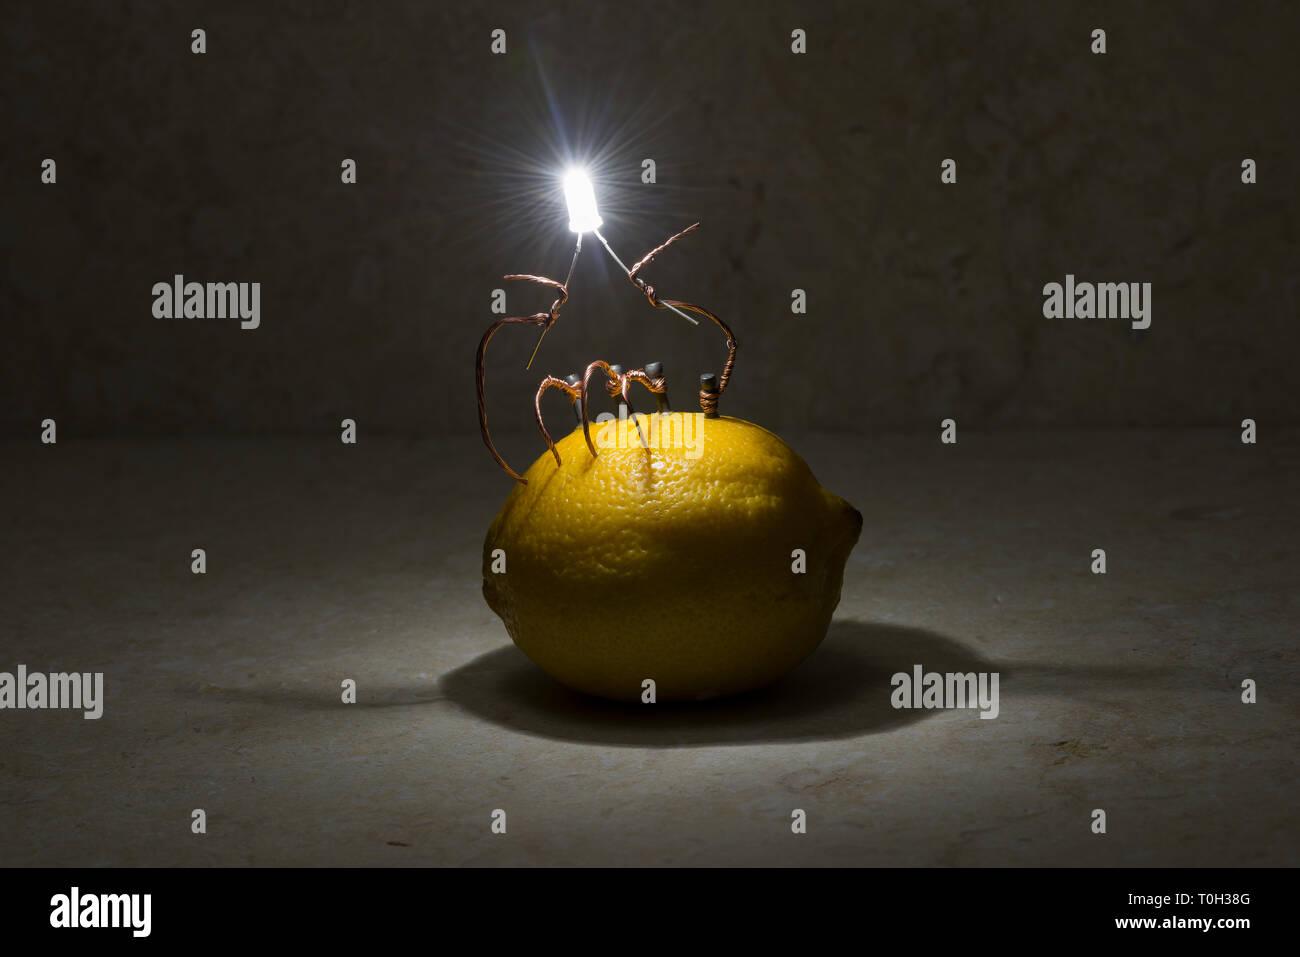 Agrumi limone calce batteria dimostrando un alternativa di